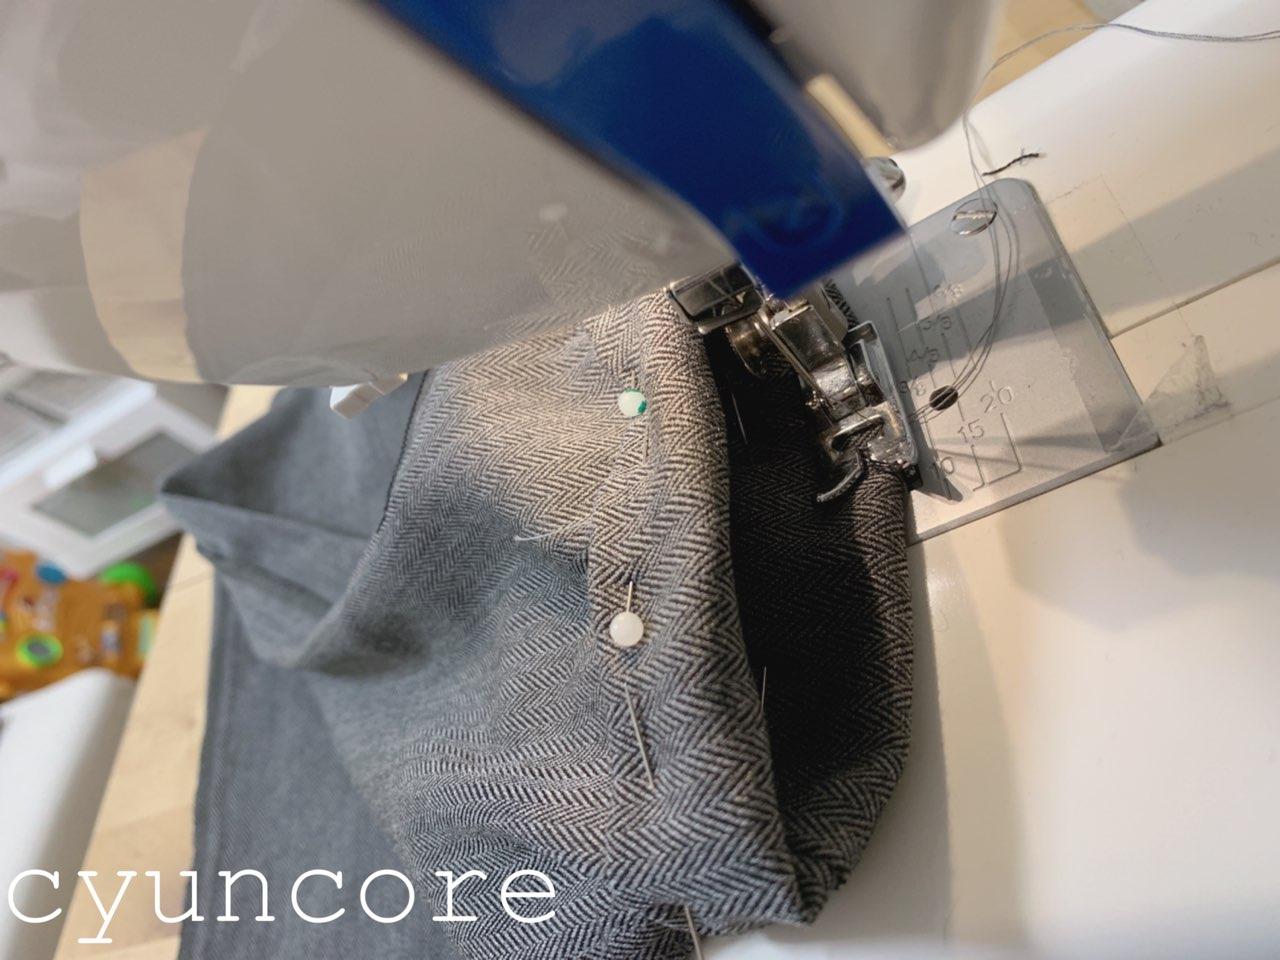 ワイドパンツリメイク④裾の処理をする